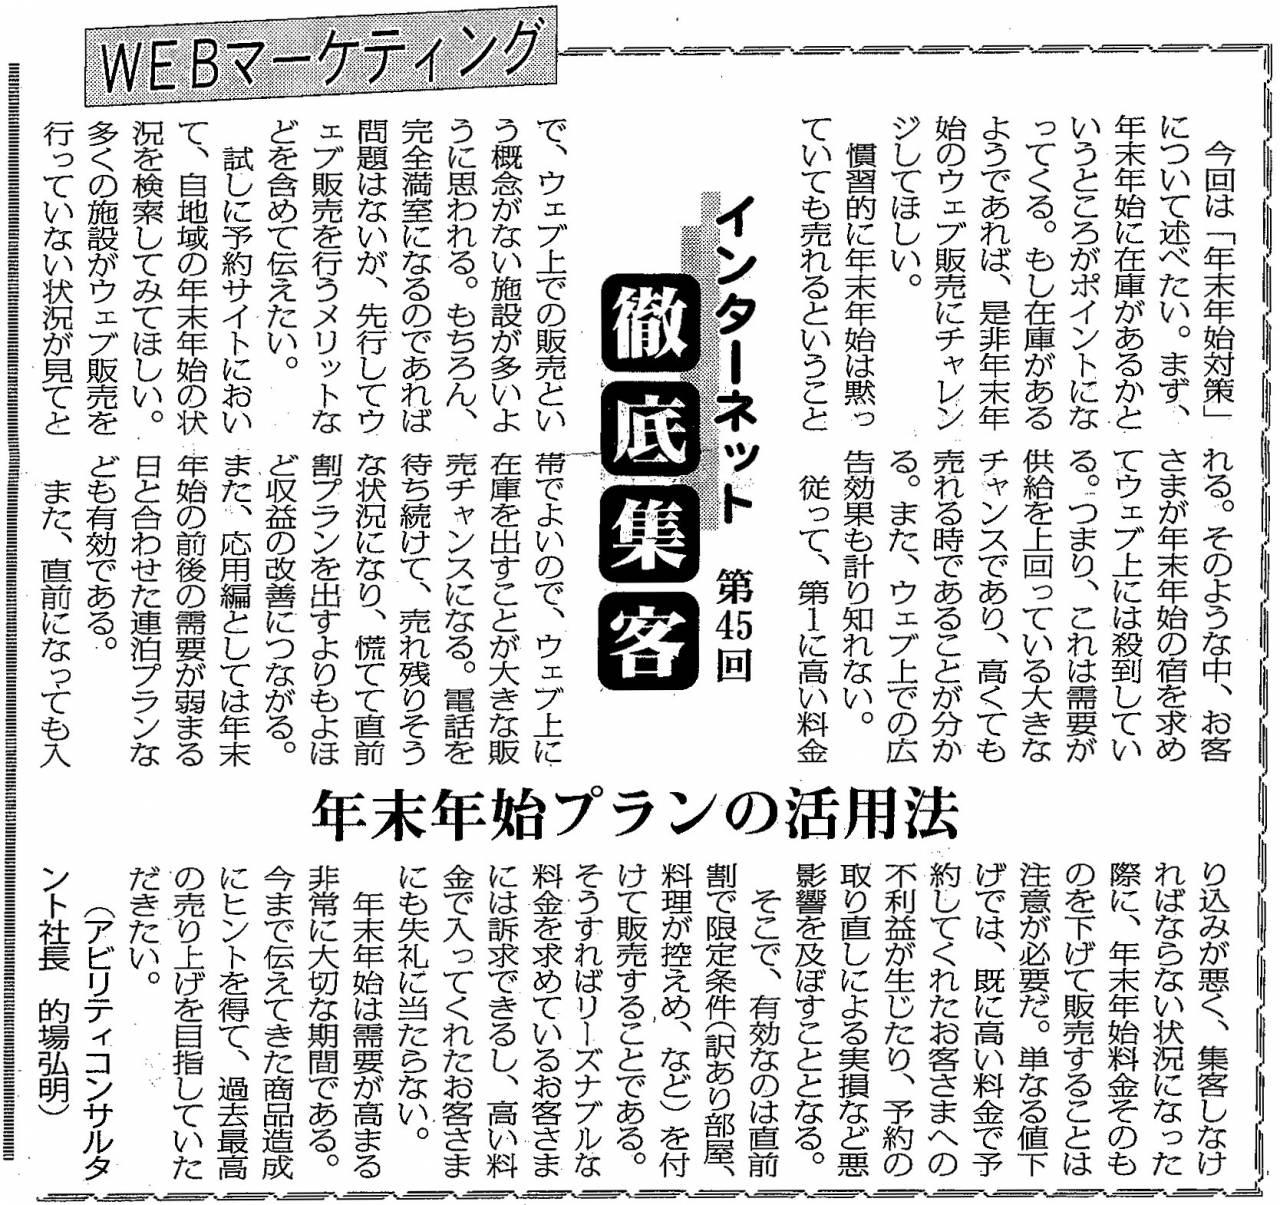 【第45回】WEBマーケティング 年末年始プランの活用法